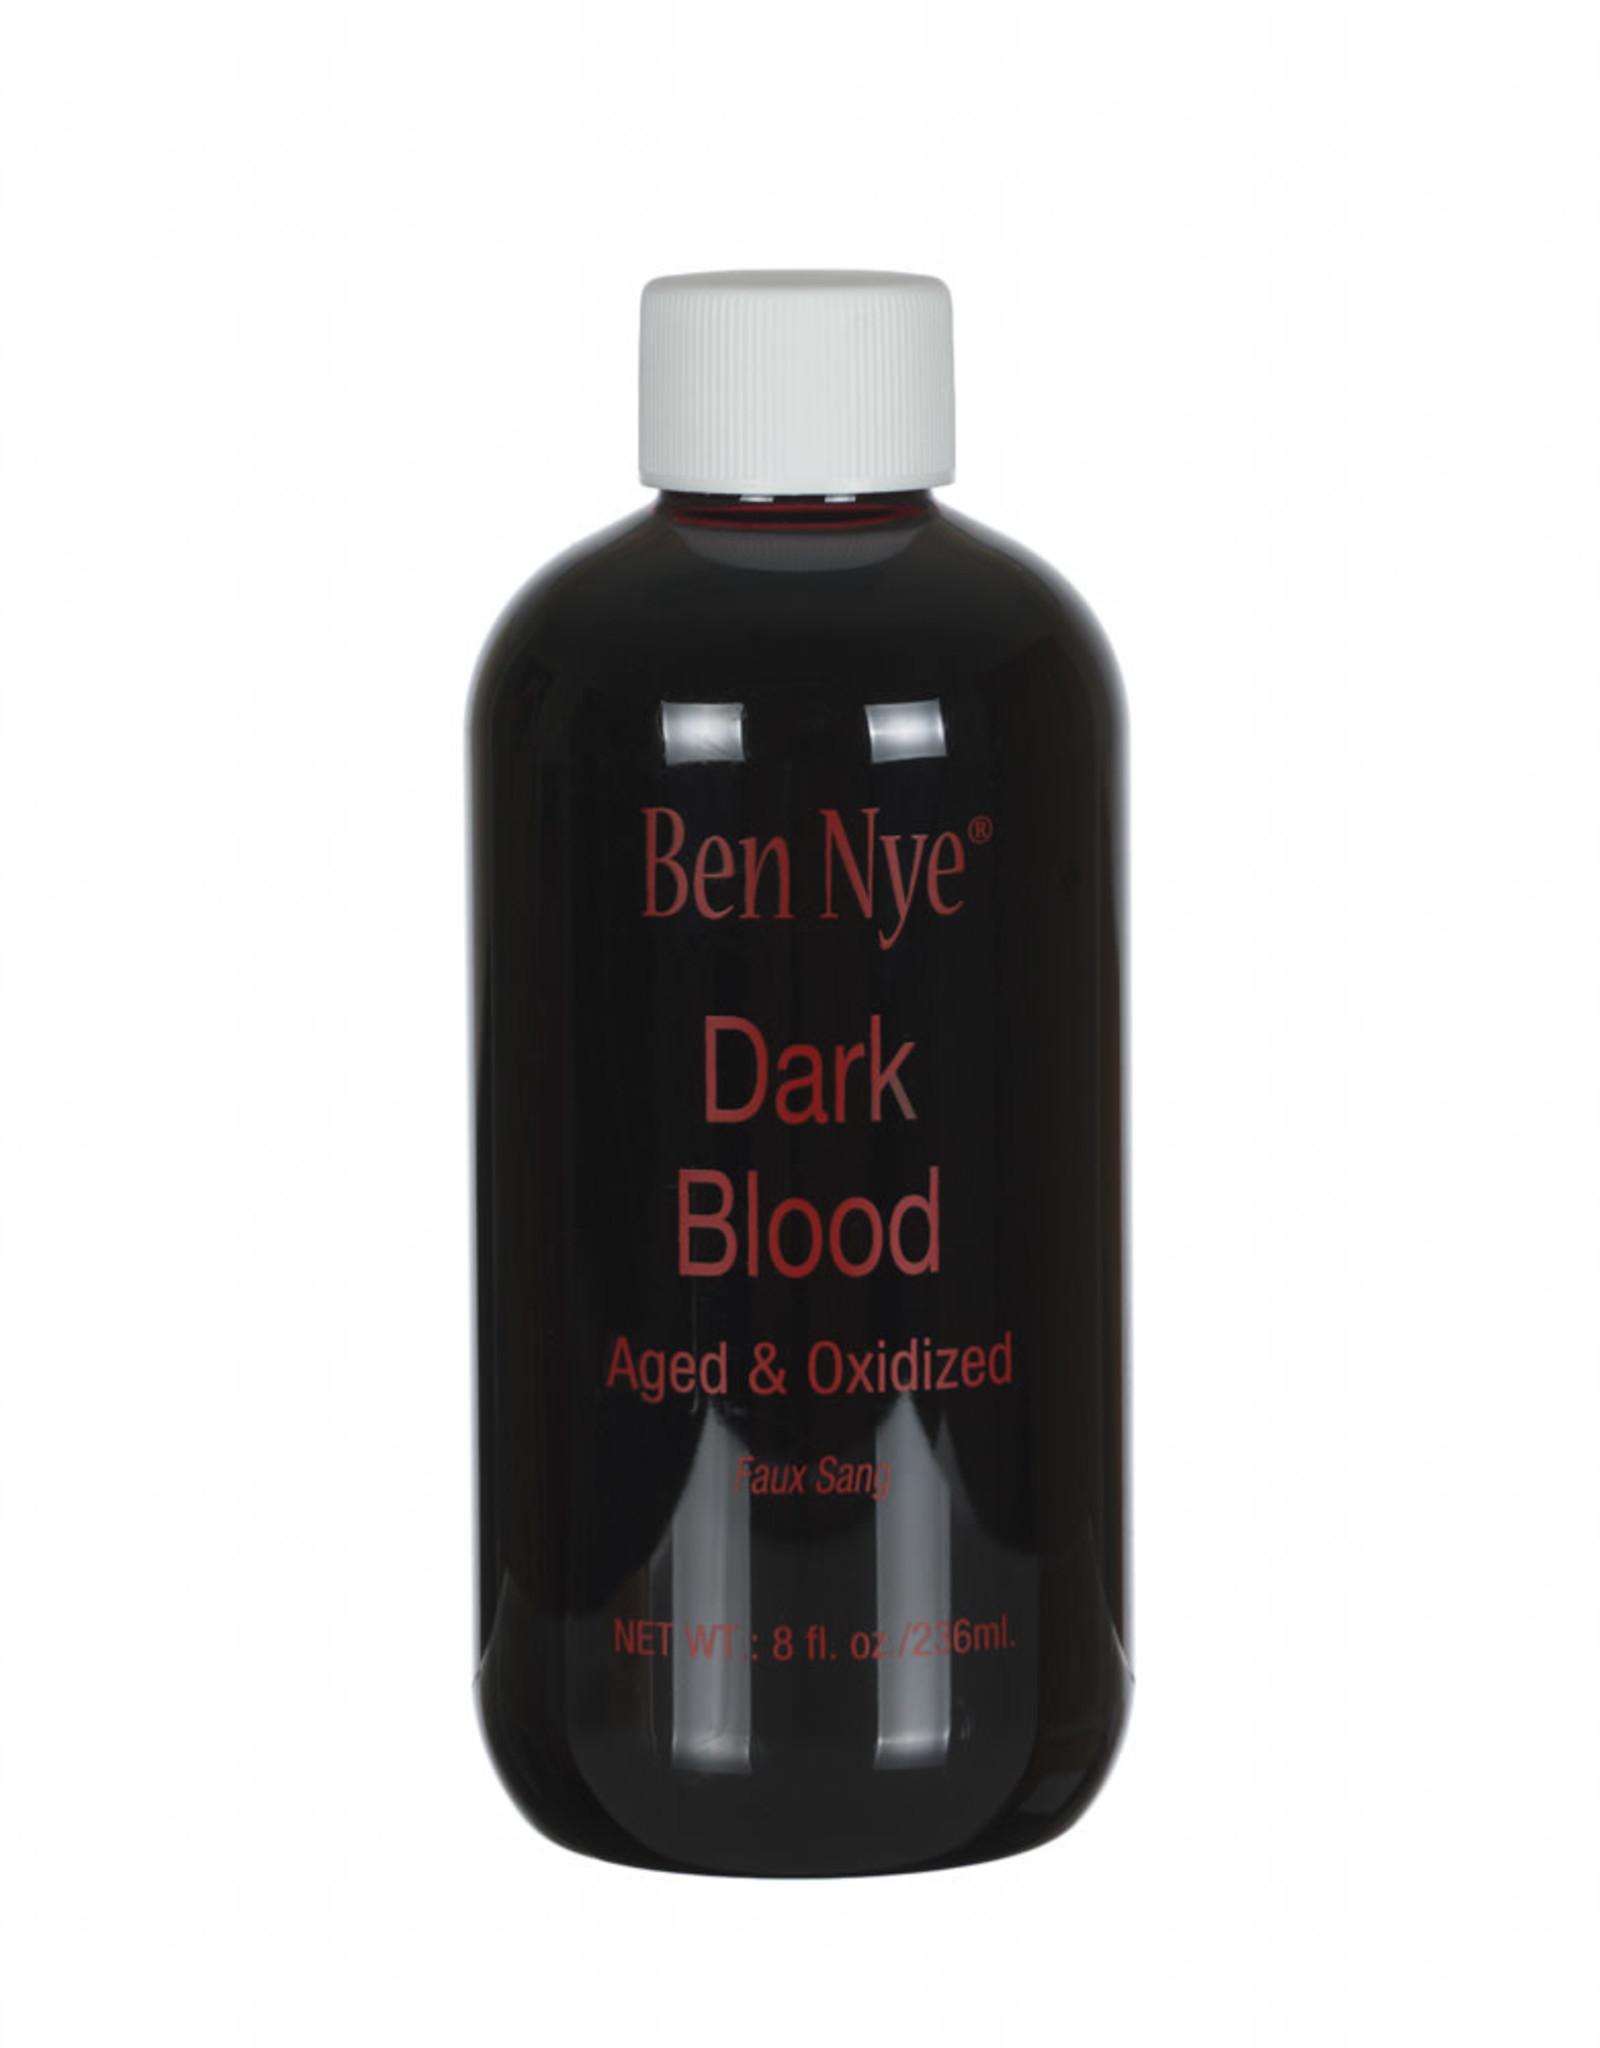 Ben Nye FX DARK BLOOD, 8 FL OZ